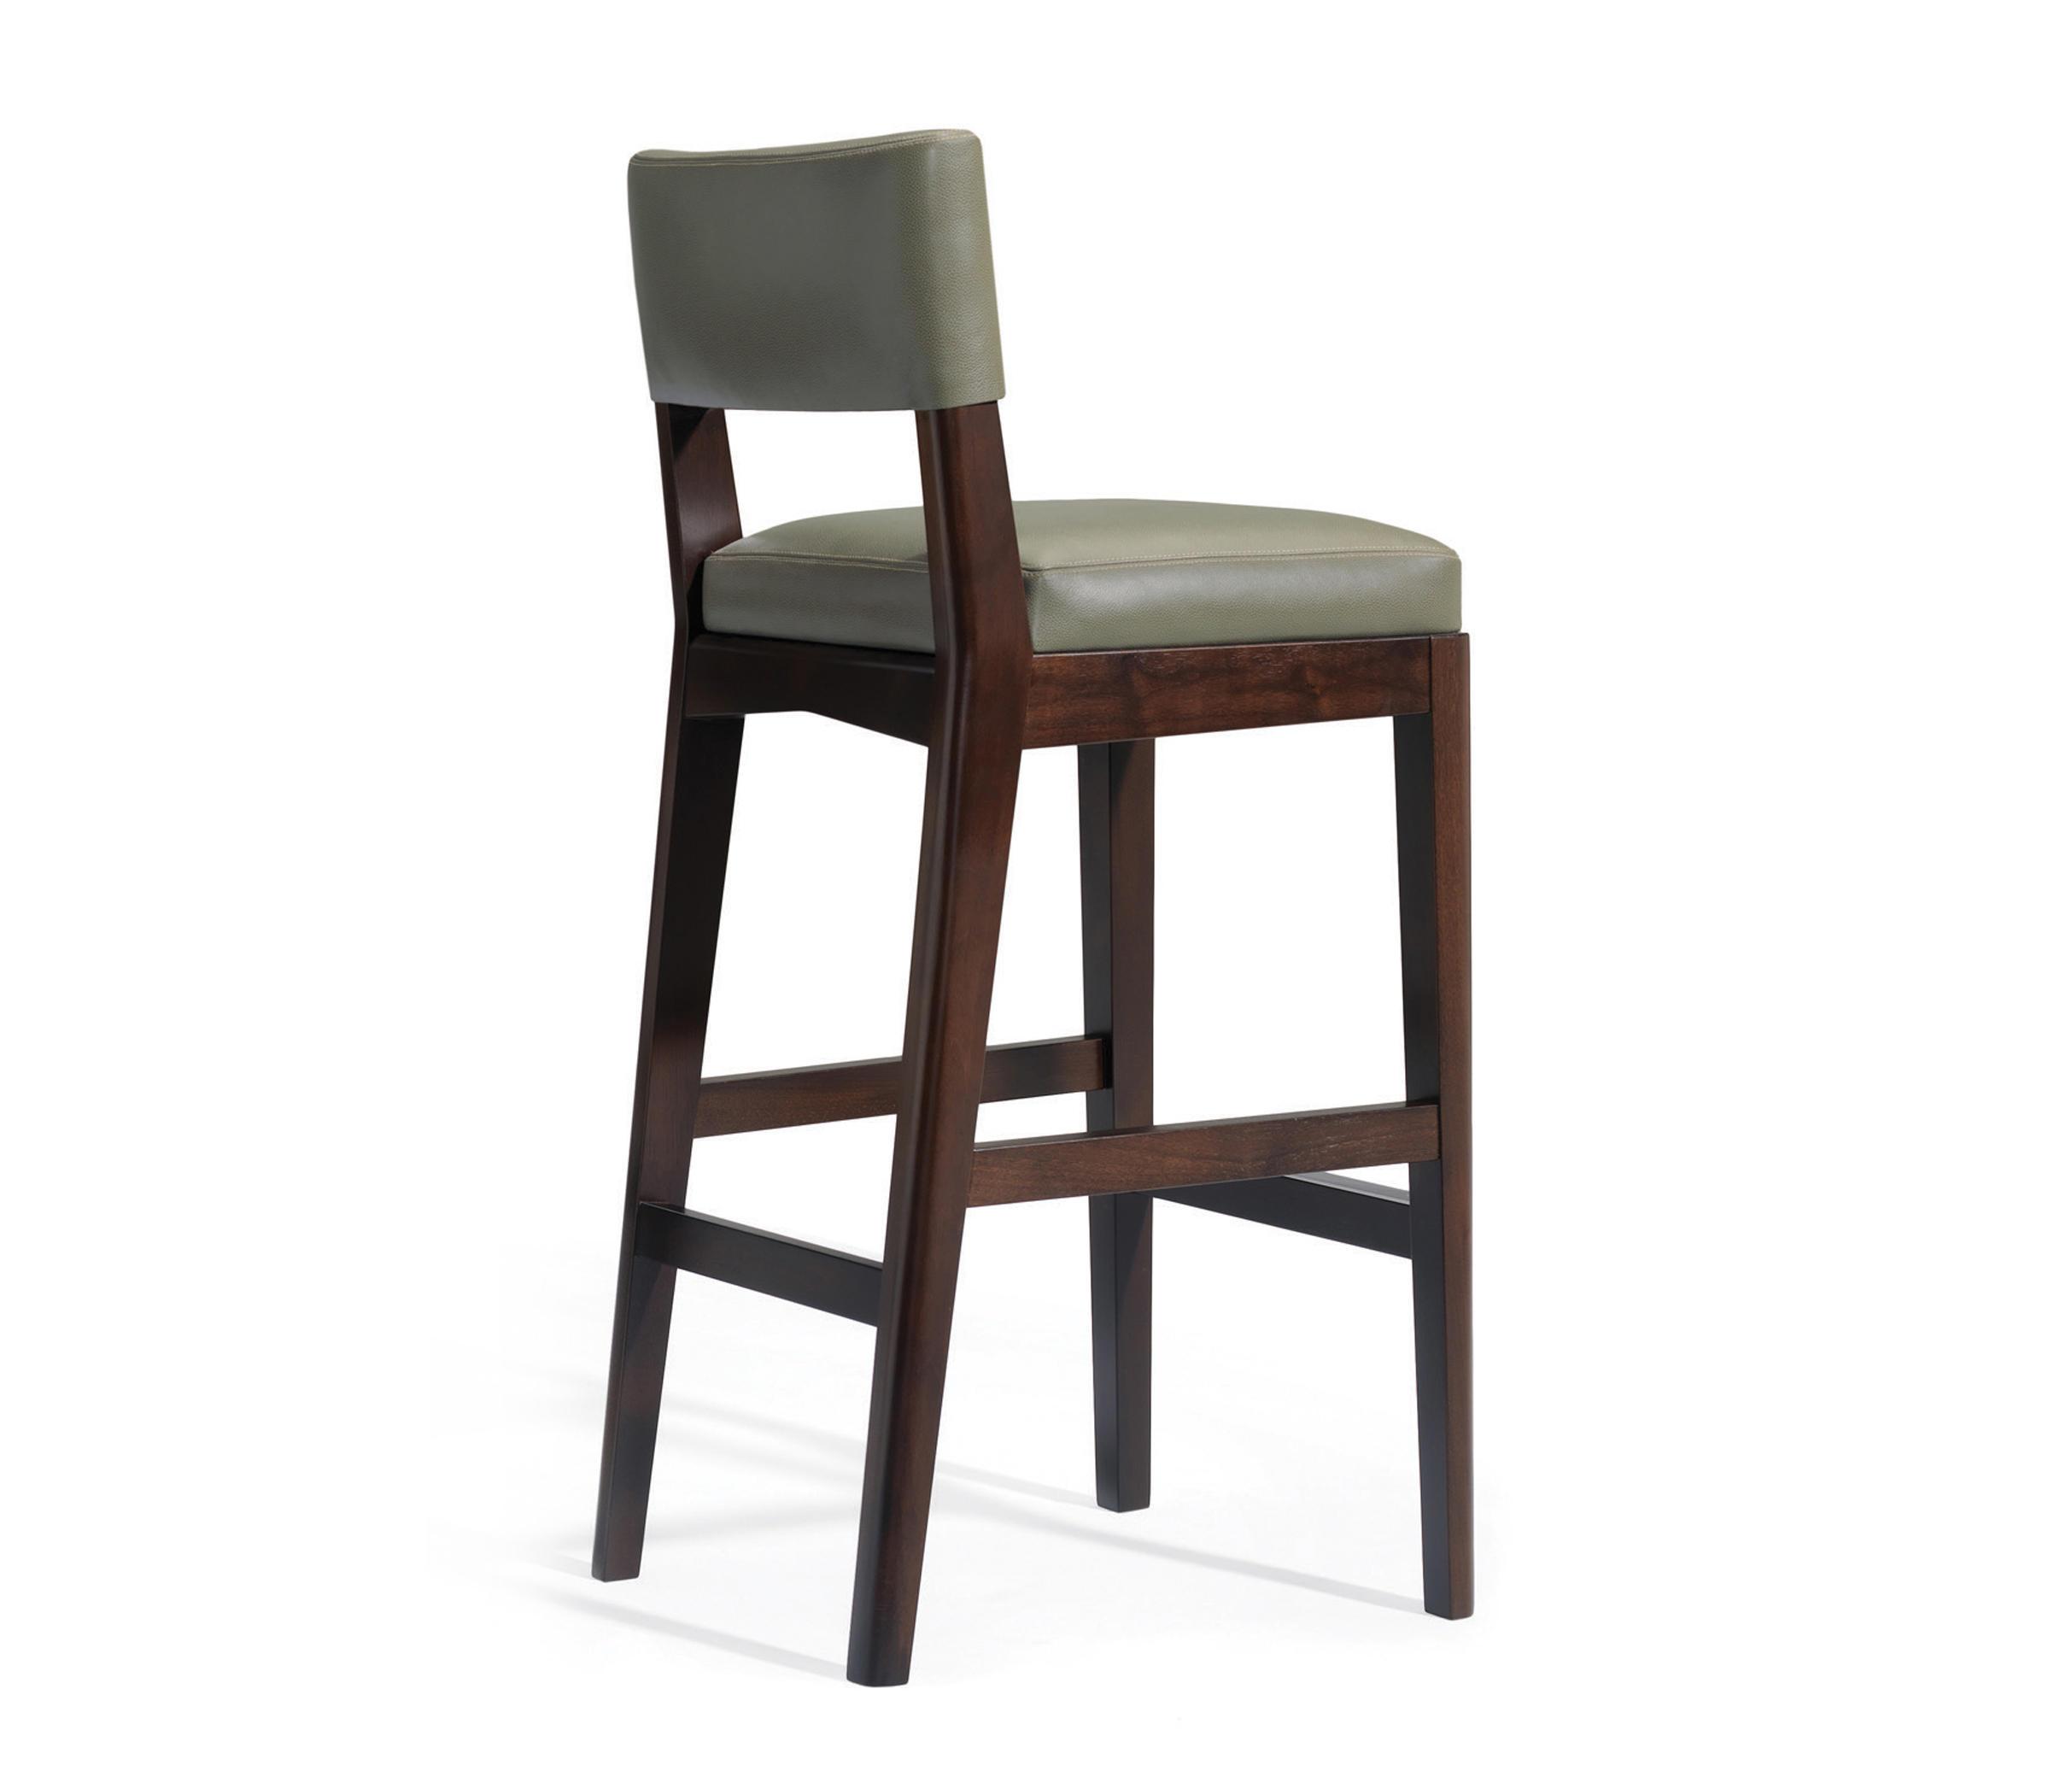 Cadet bar stools barhocker von altura furniture architonic for Barhocker englisch